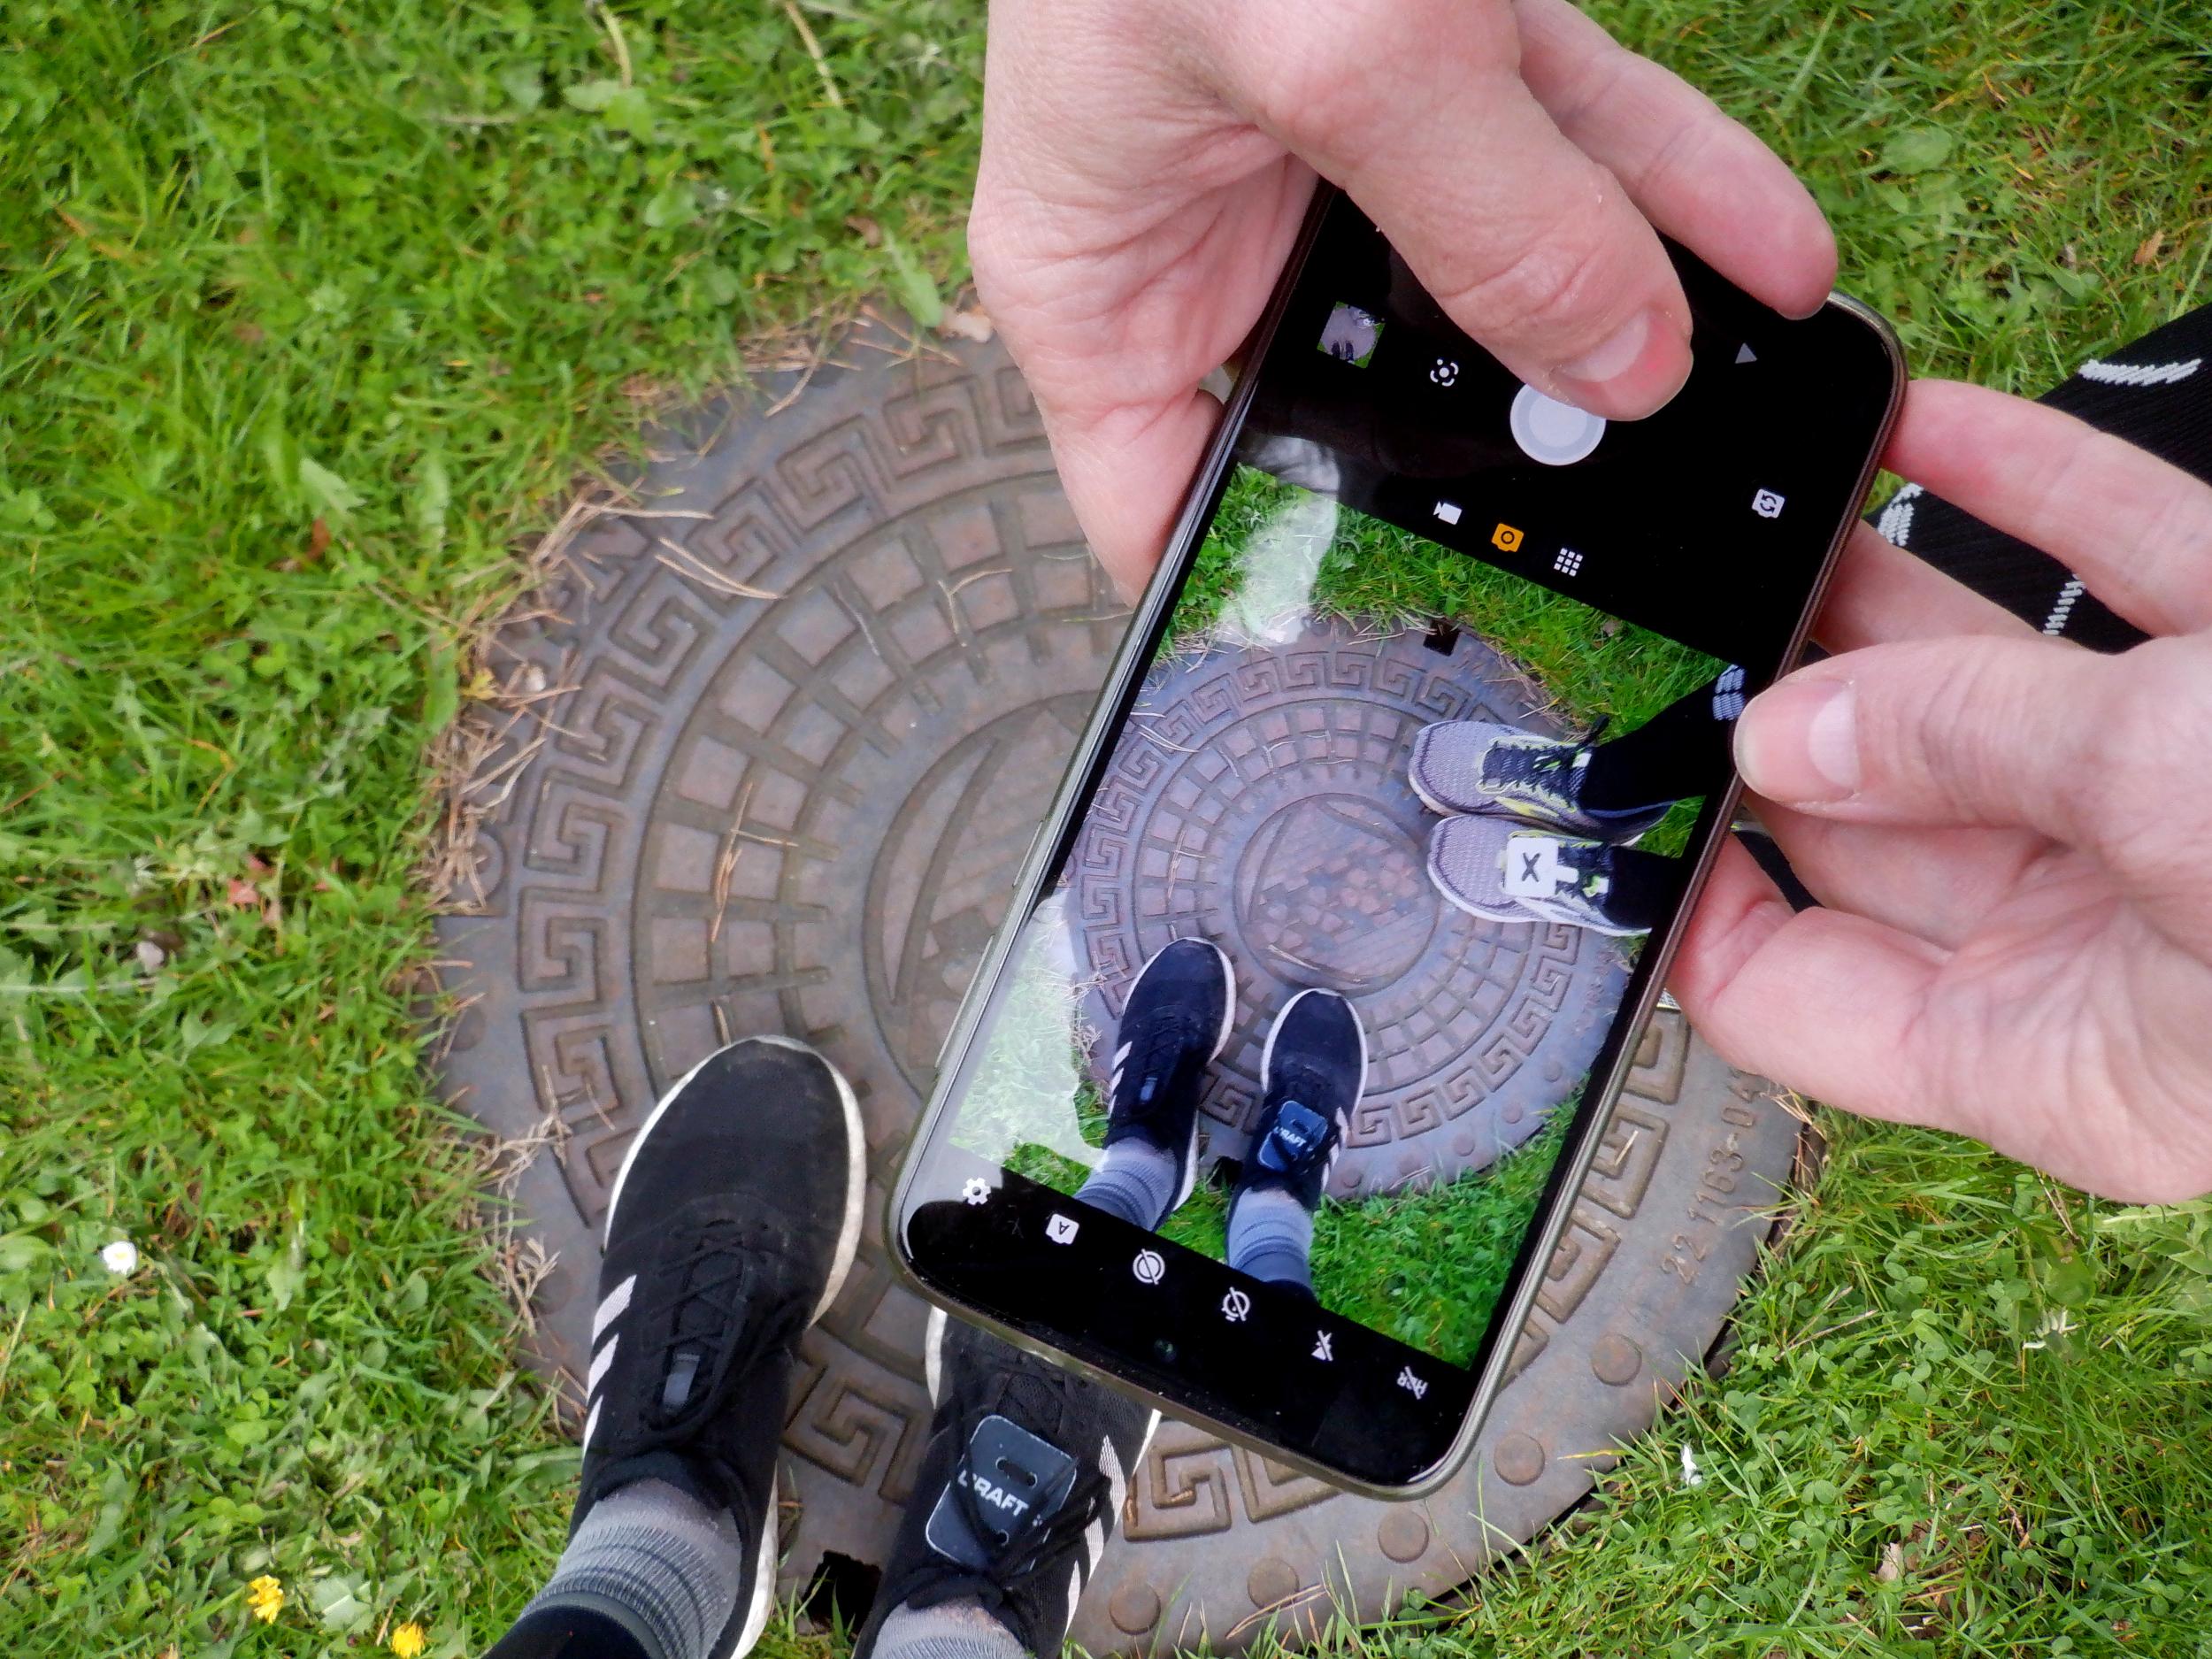 Mobil der tager fotos af sko og brønddæksen